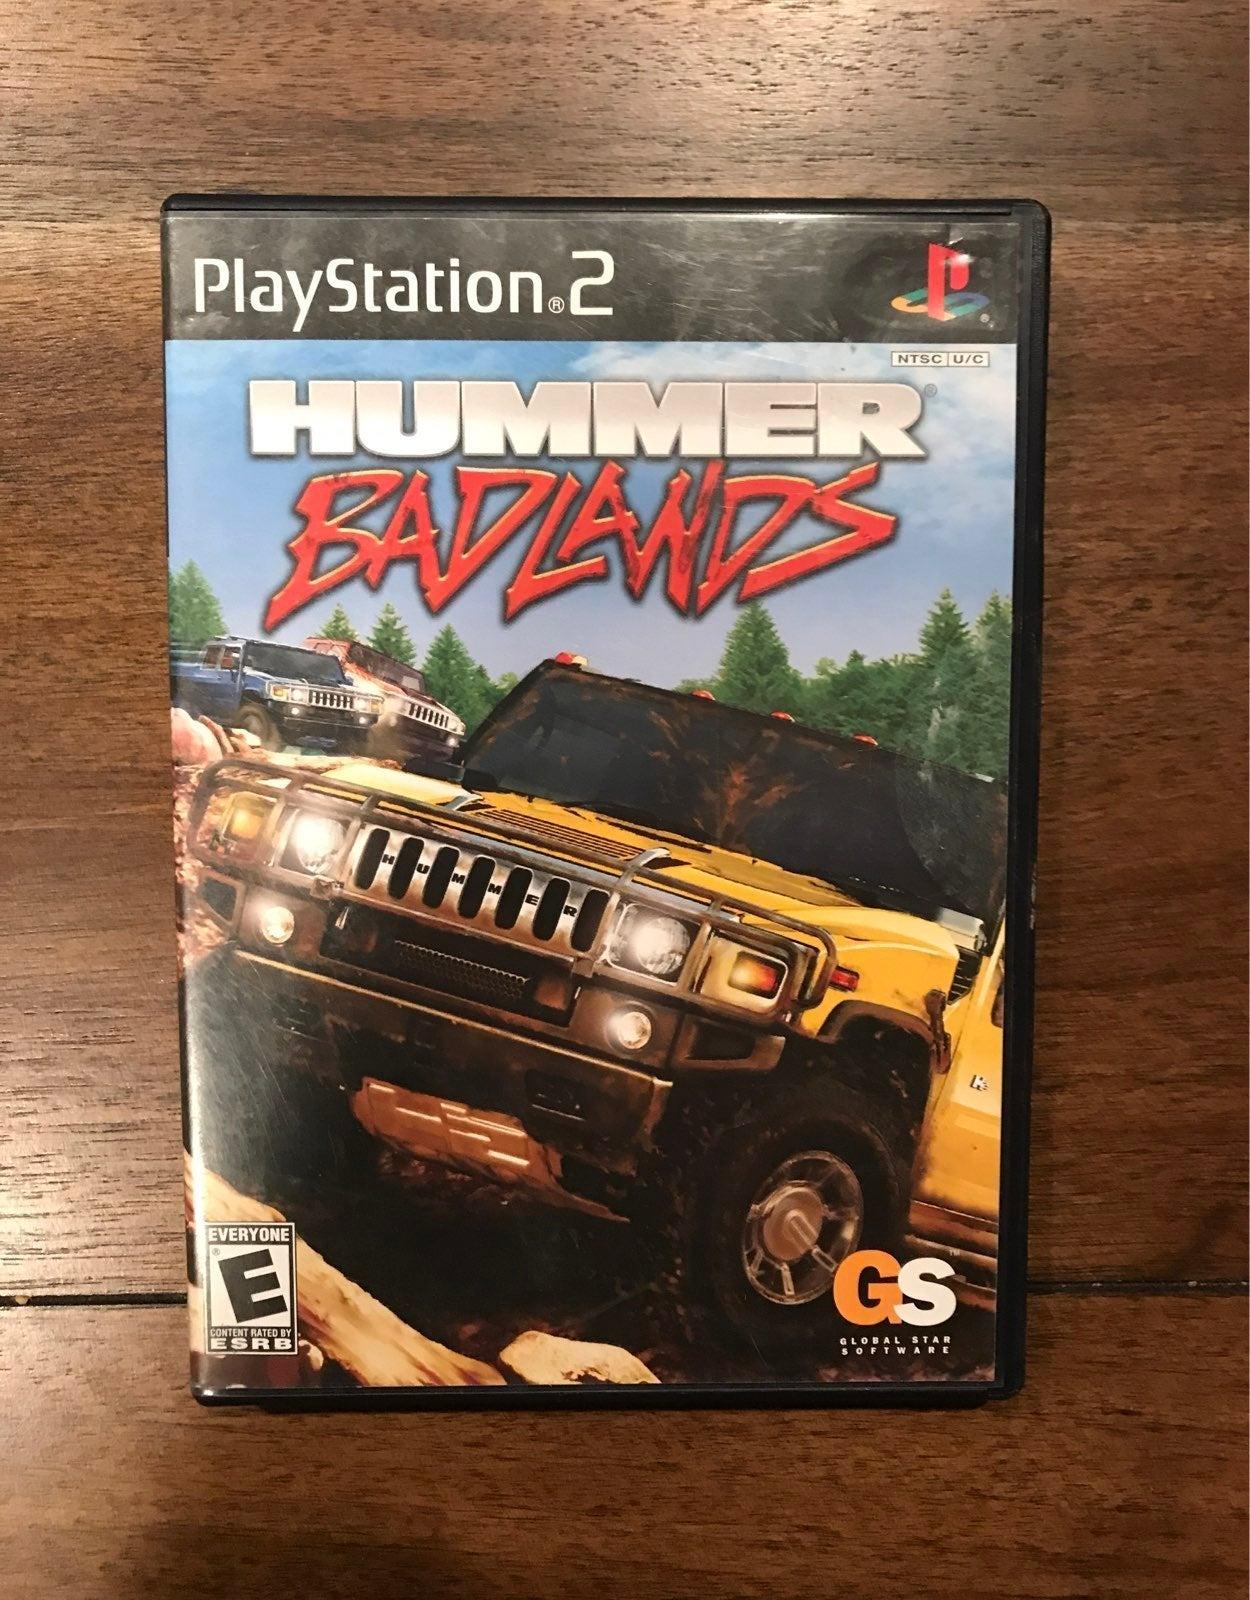 Hummer Badlands on Playstation 2